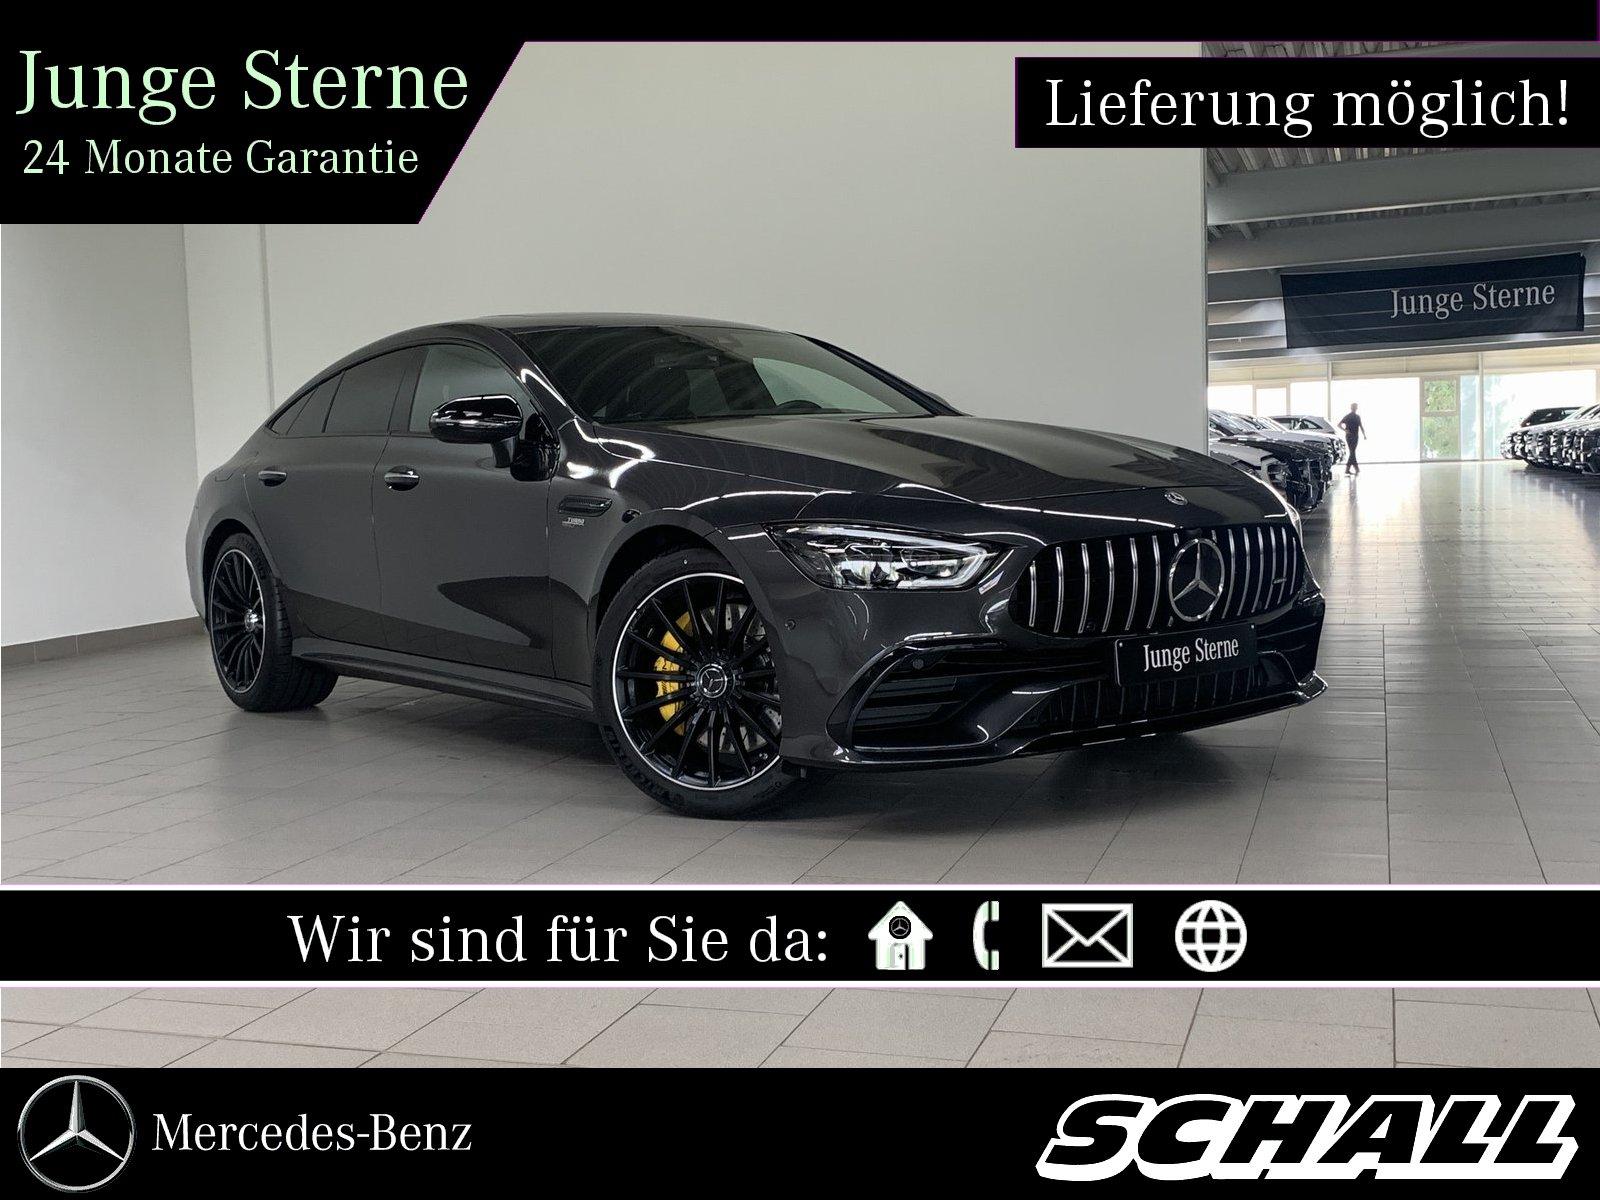 Mercedes-Benz AMG GT 43 4M+ PERF.AGA+DISTR+GSHD+KAMERA+20'AMG, Jahr 2019, Benzin